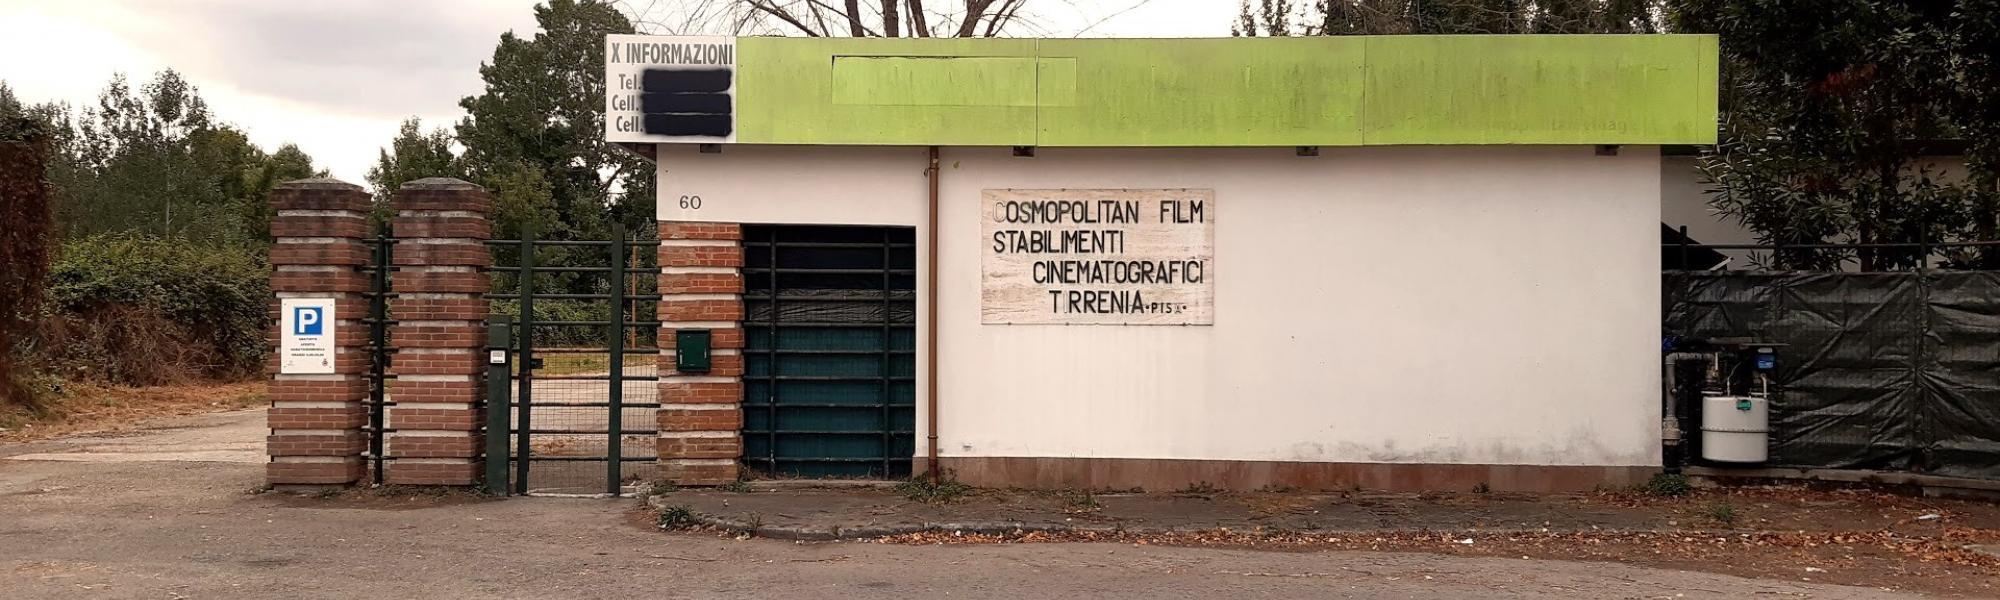 Entrata ex Studi cinematografici Pisorno /Cosmopolitan (L. Corevi, Comune di Pisa)